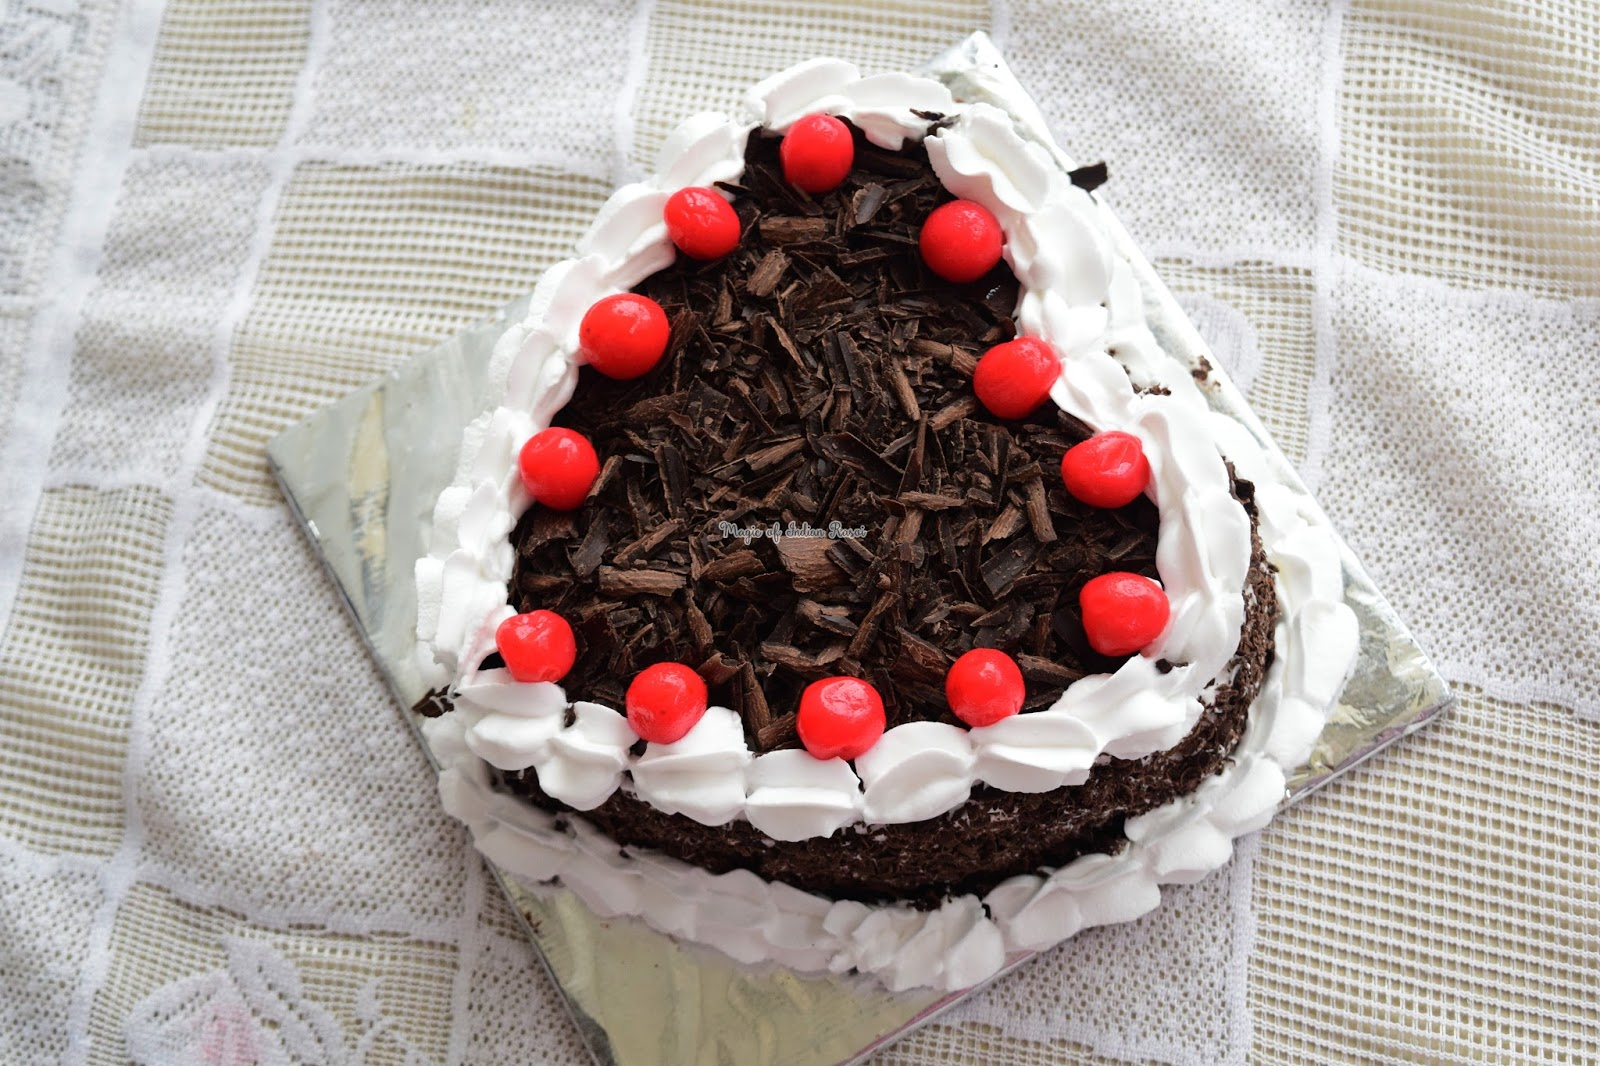 Perfect Black Forest Cake (Eggless) Recipe - परफेक्ट ब्लैक फॉरेस्ट केक (एगलेस) रेसिपी - Priya R - Magic of Indian Rasoi